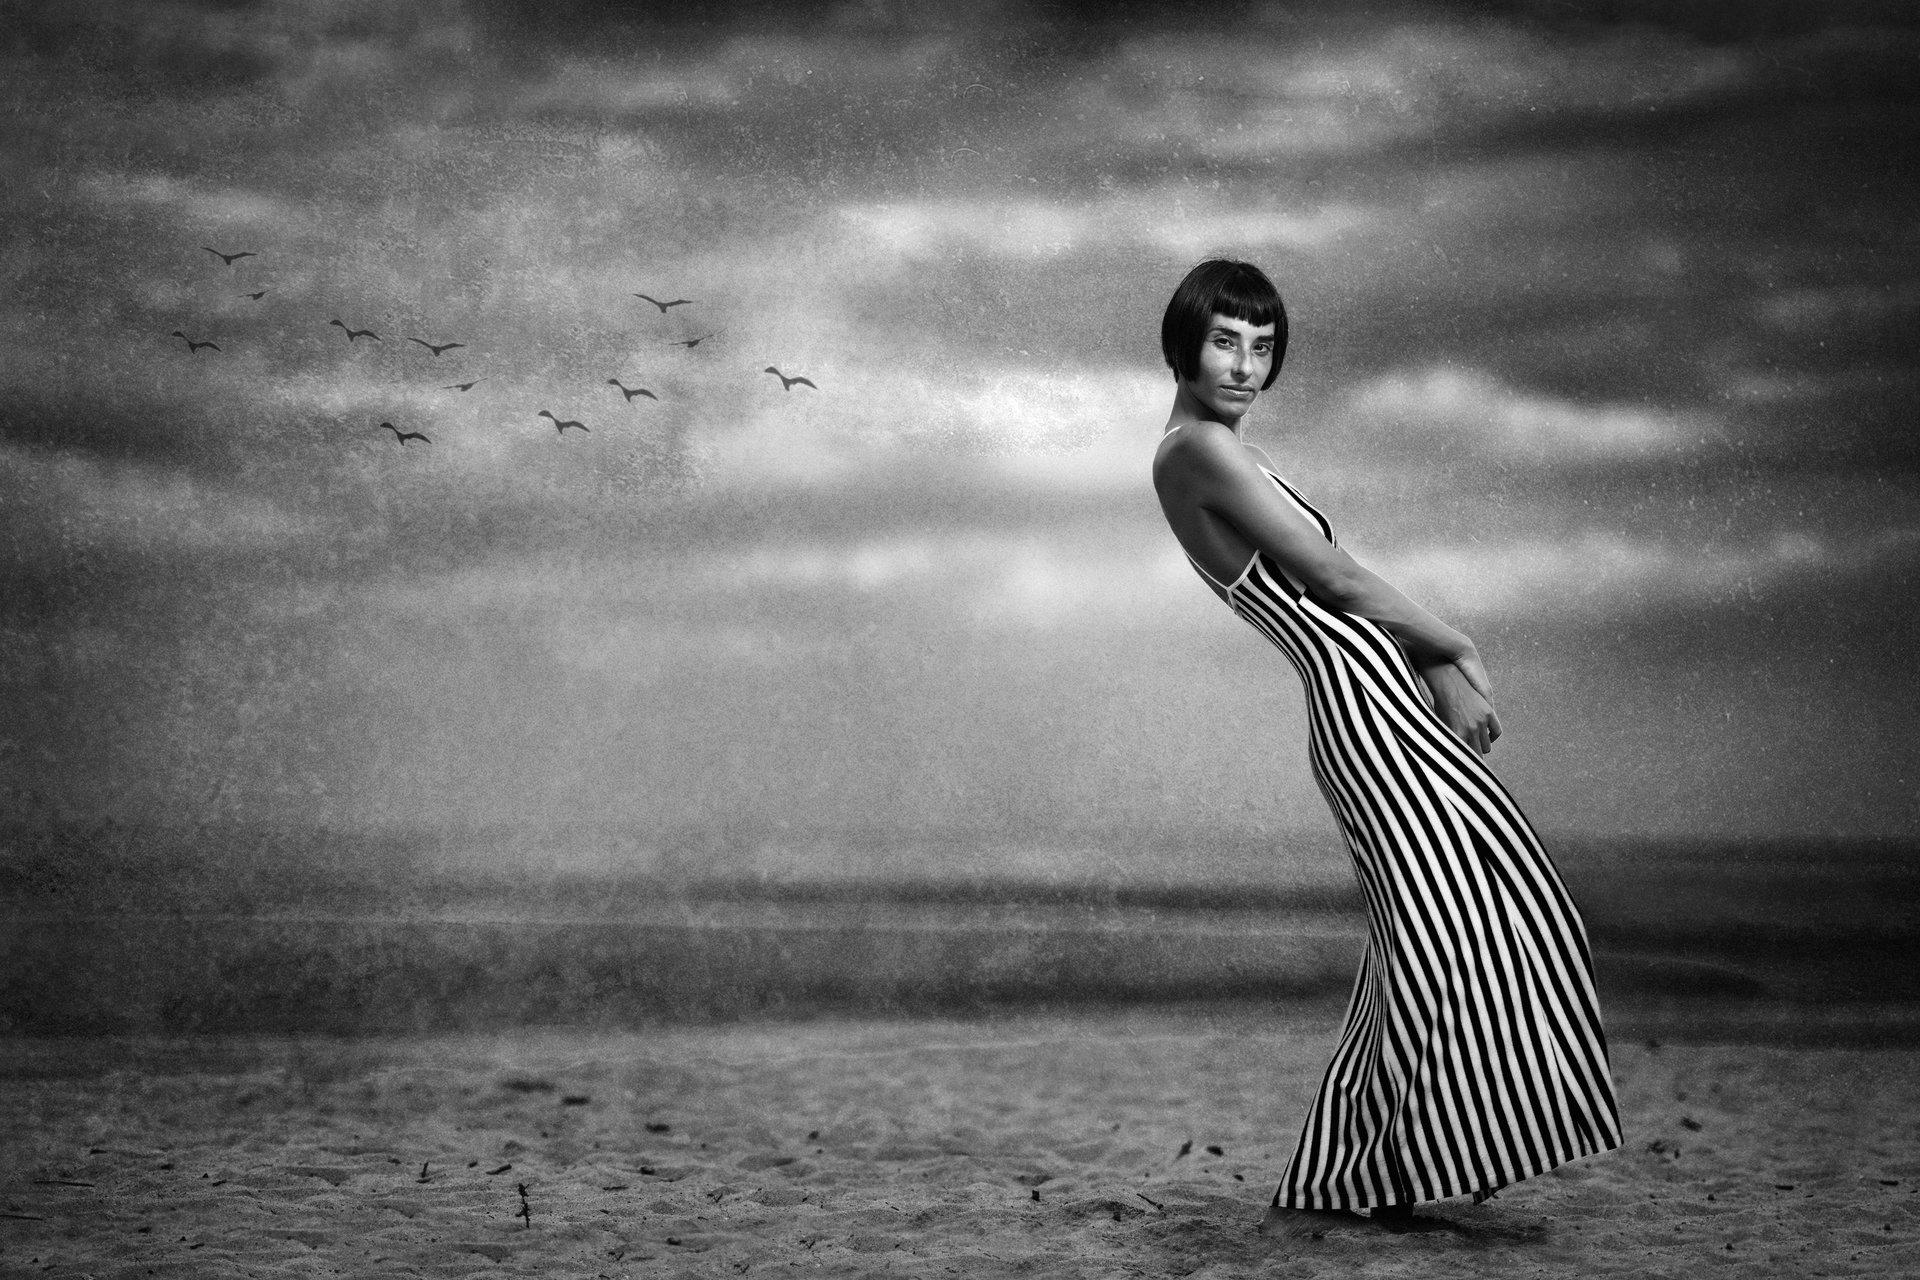 Photo in Portrait | Author Anton Dimov - dimovanton | PHOTO FORUM